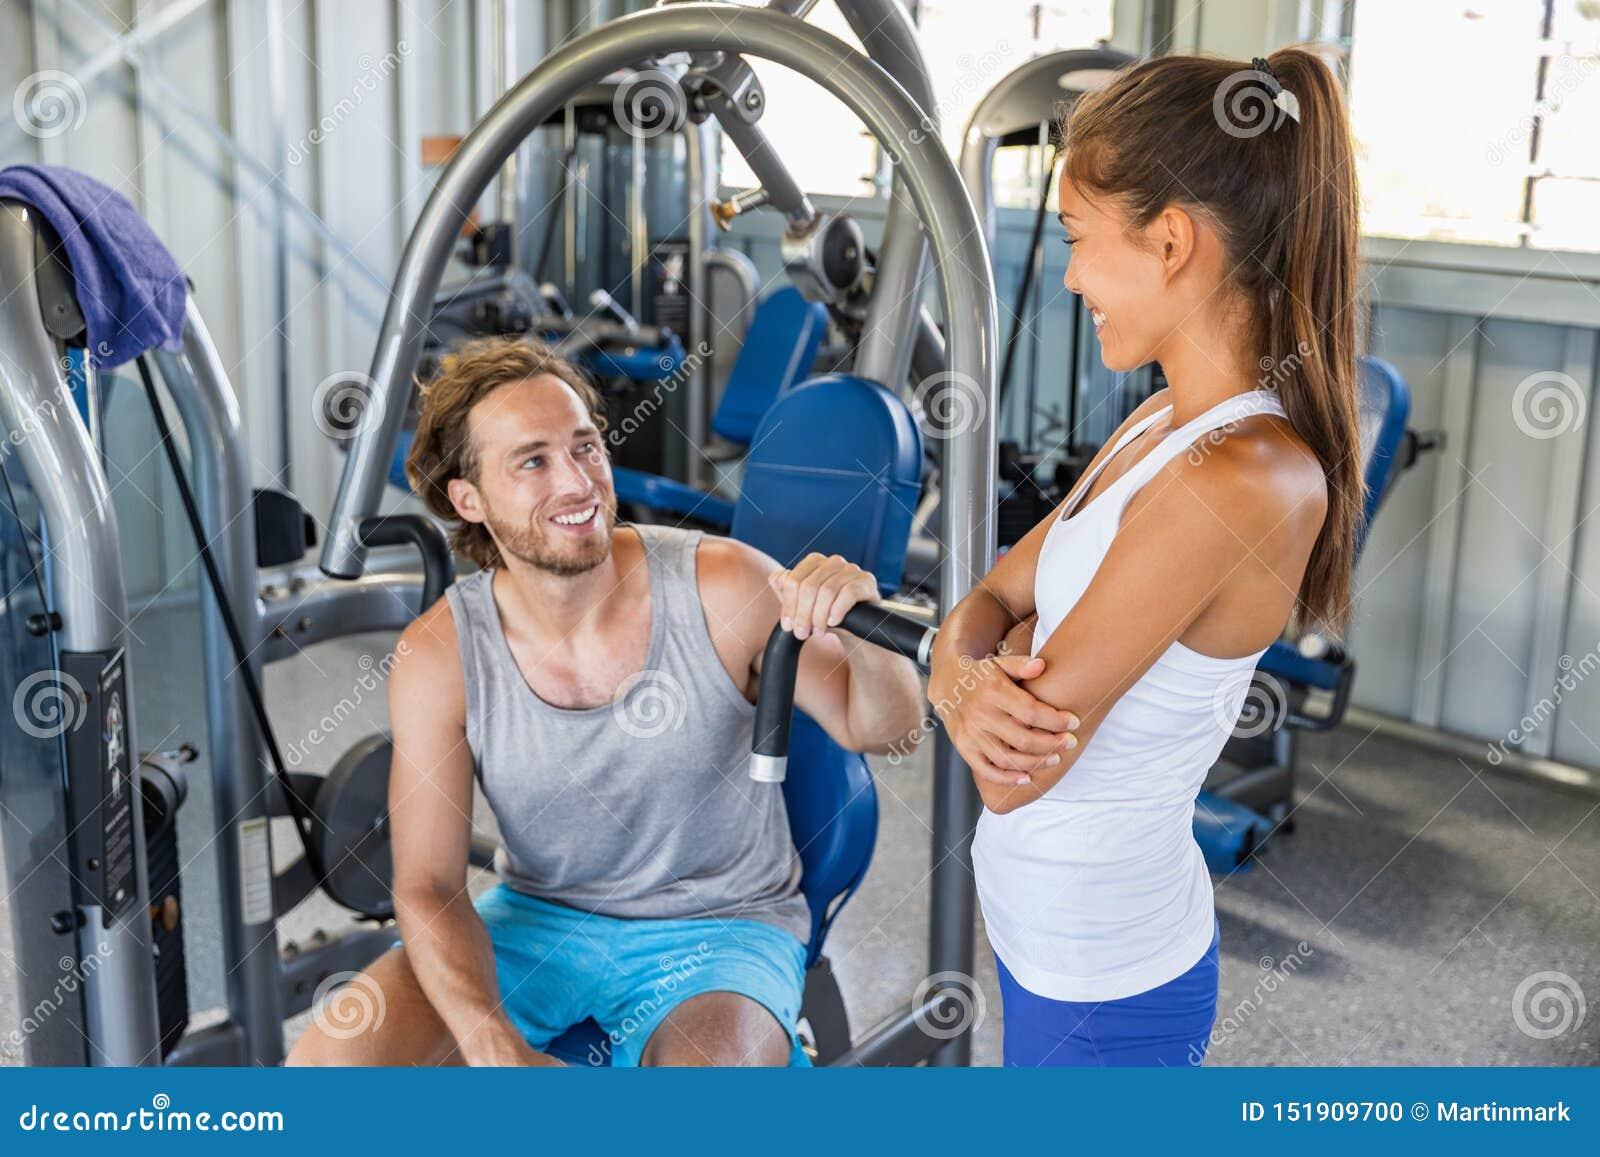 Εκπαιδευτής γυμναστικής ικανότητας που μιλά στην κατάρτιση ατόμων στη μηχανή εξοπλισμού workout στο εσωτερικό Ευτυχής επίλυση ζεύ